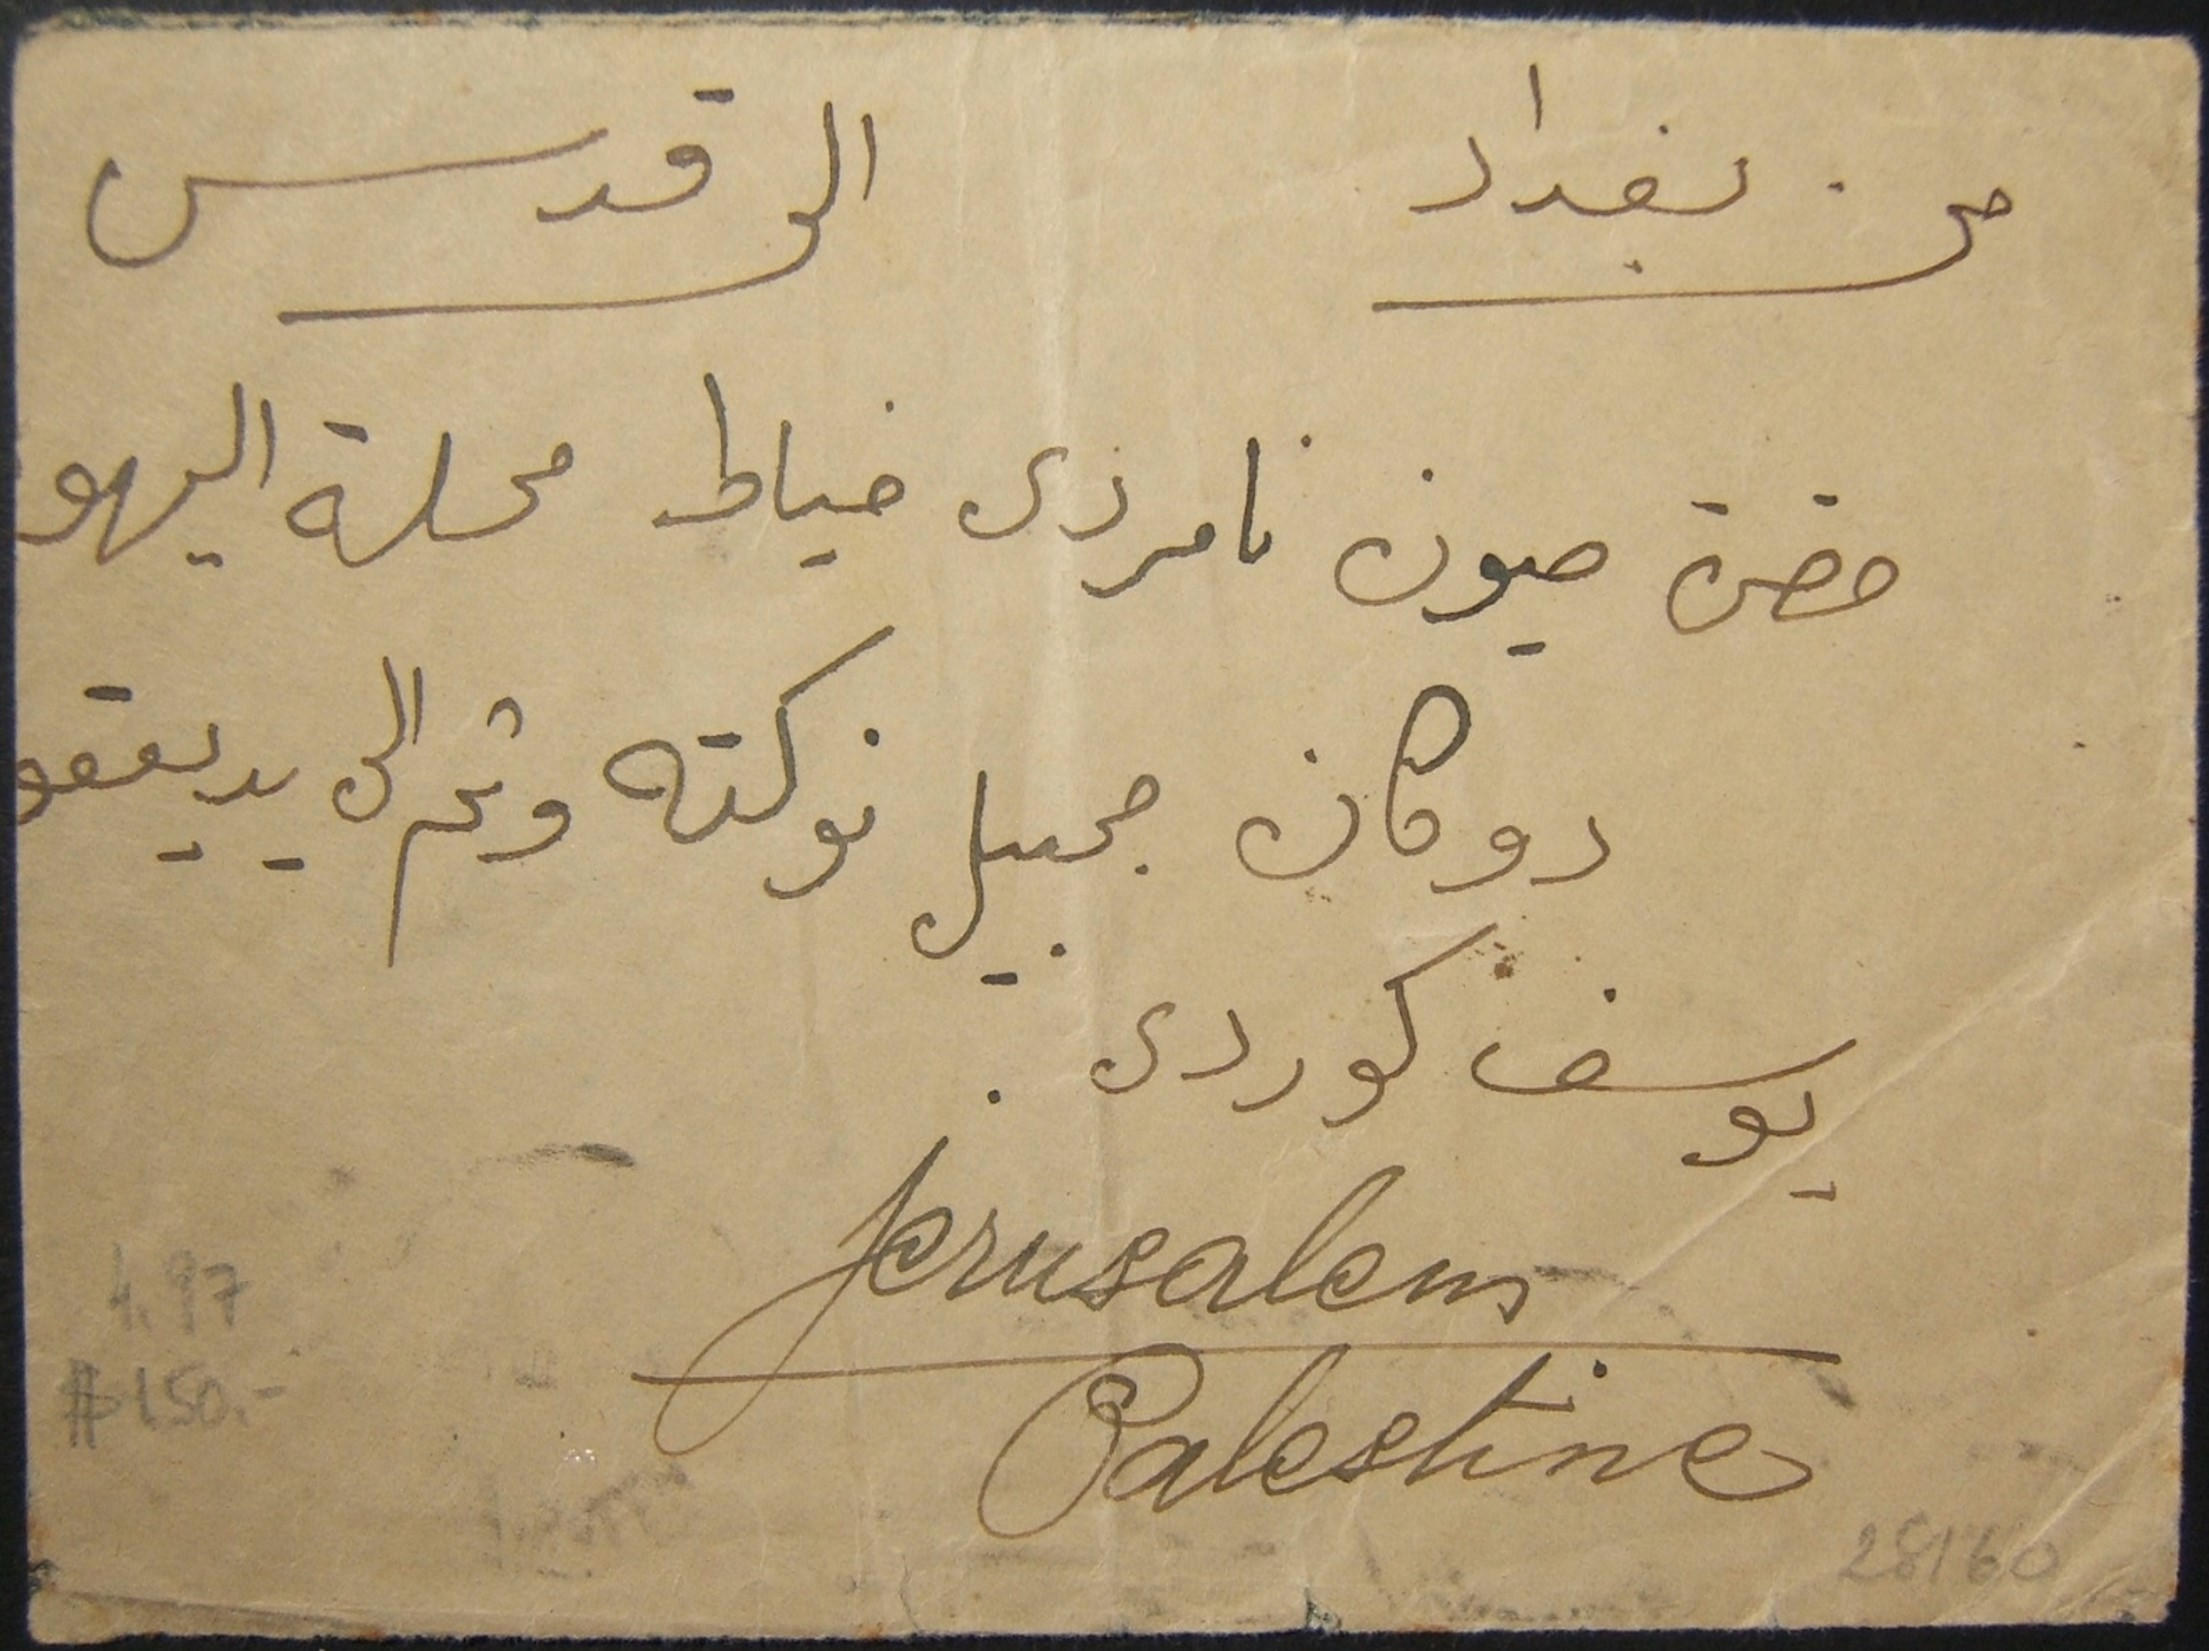 10/1931 מערבה לירושלים דרך חיפה עם סימון